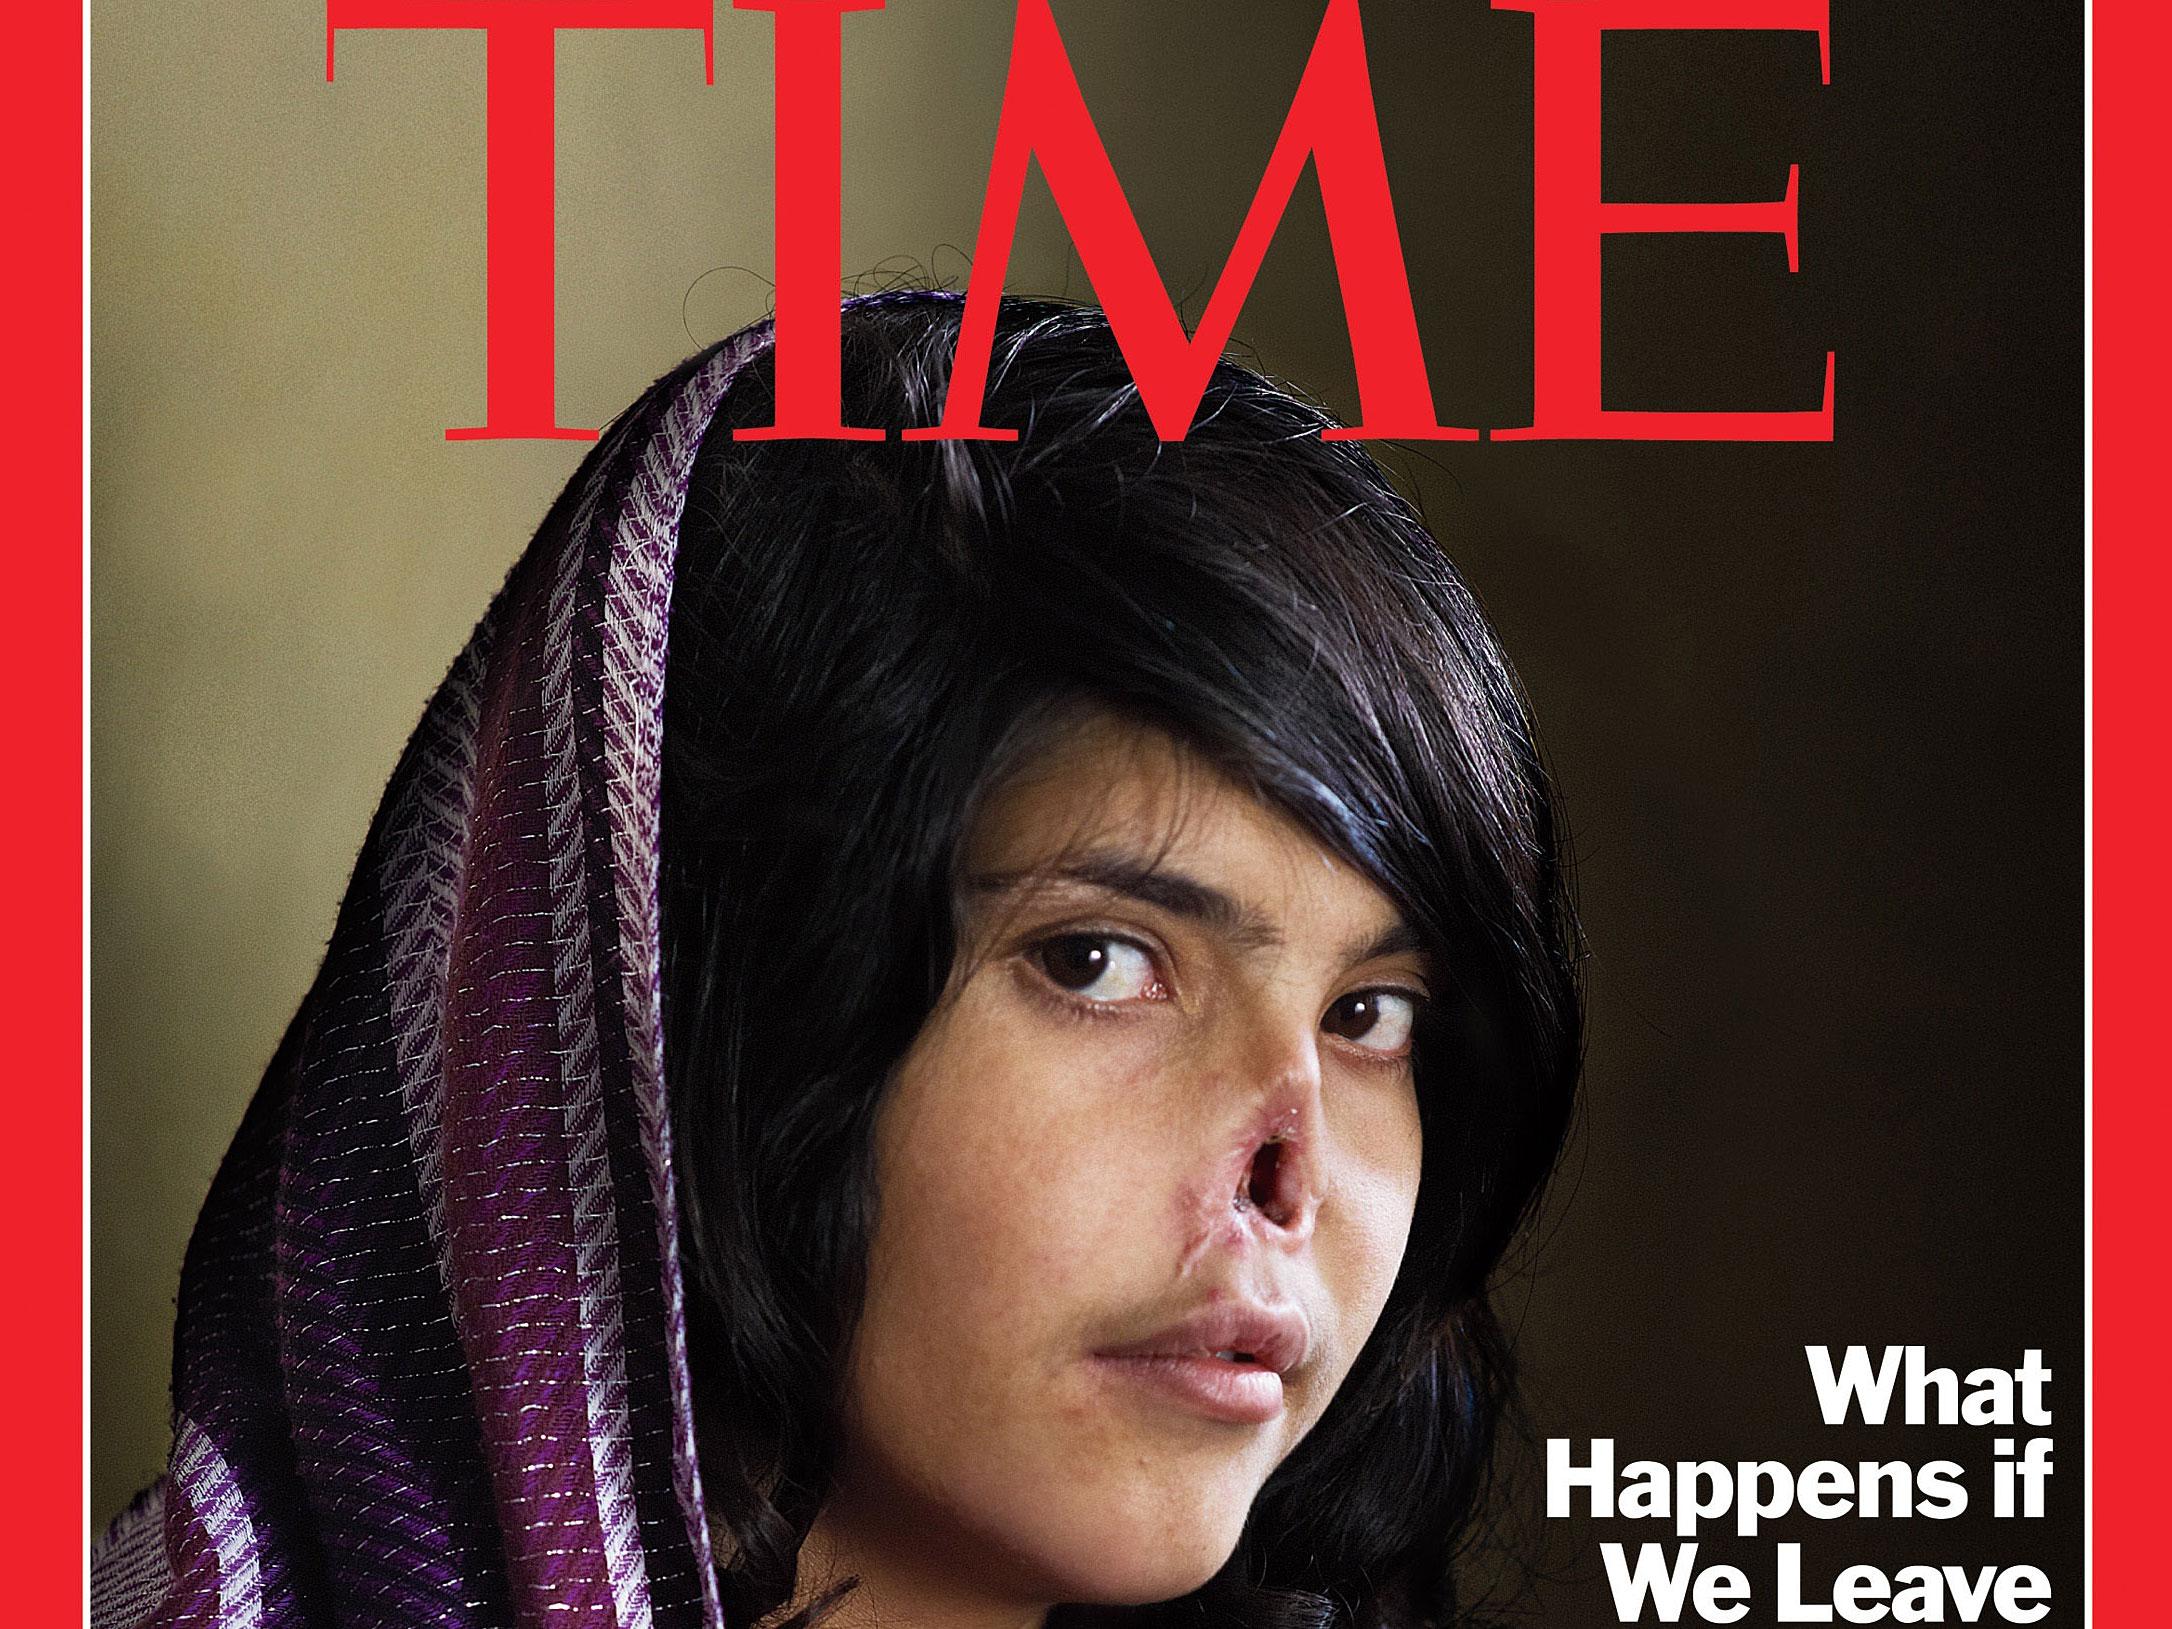 Afghan woman magazine time